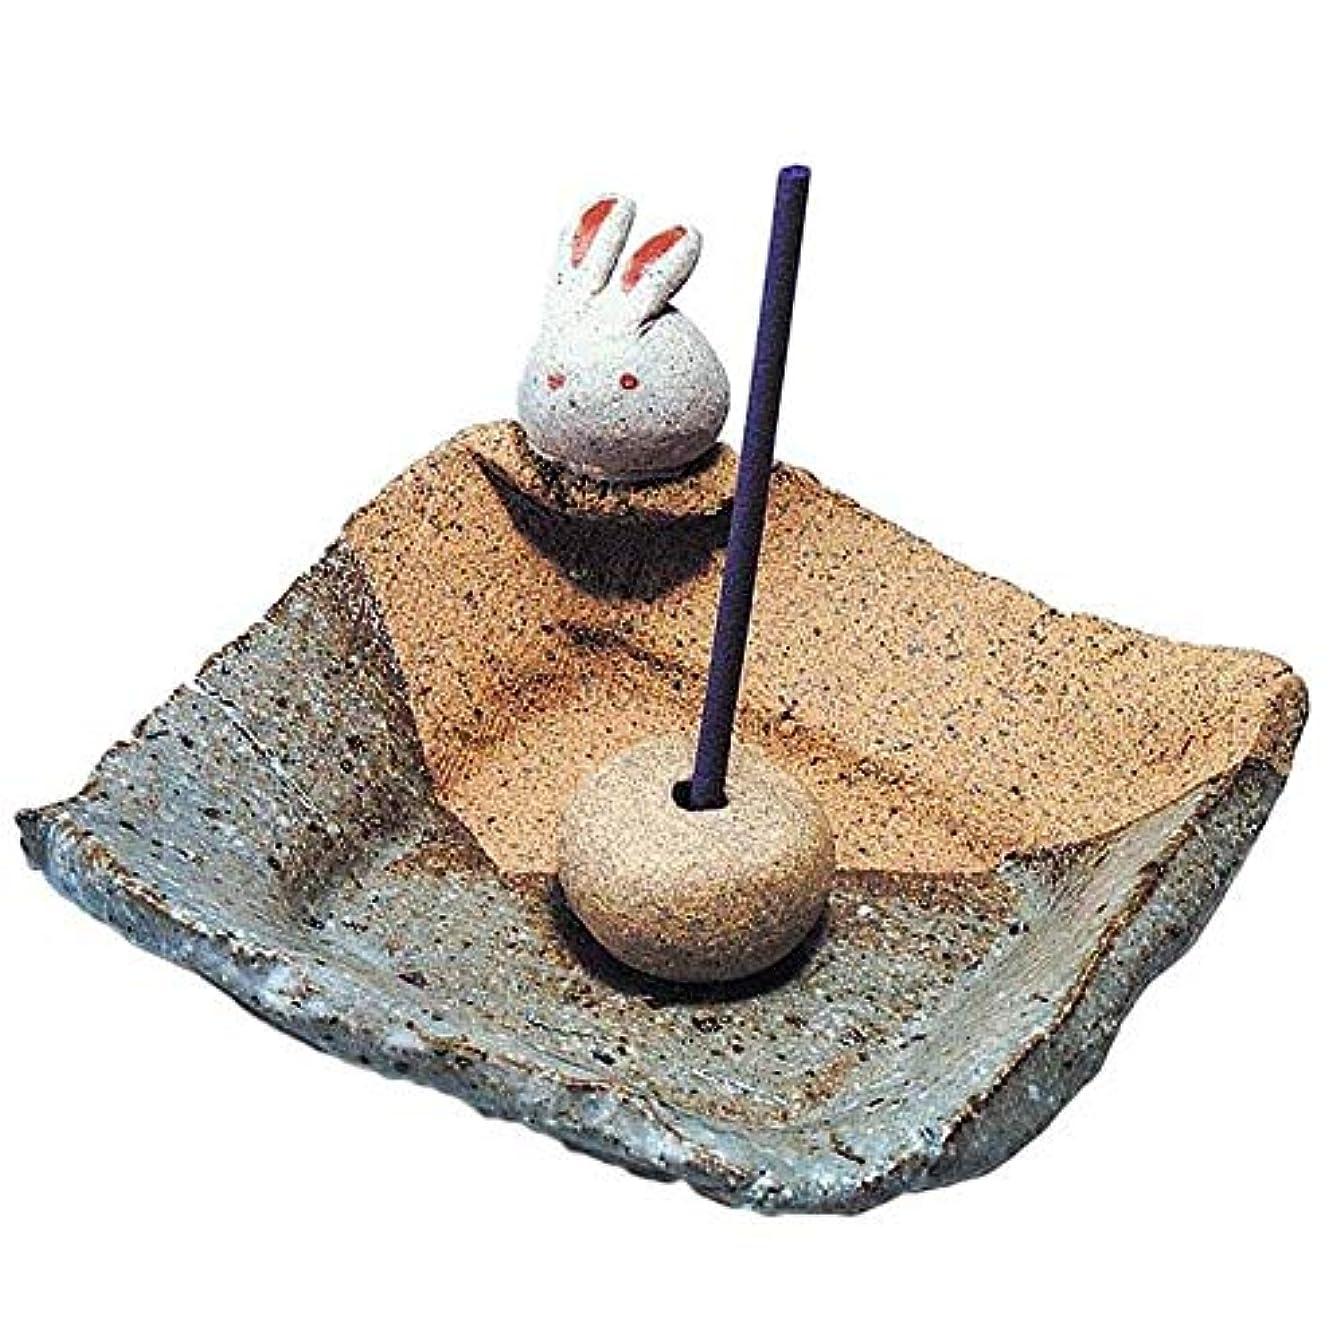 メガロポリスオン責任者手造り 香皿 香立て/うさぎ 香皿/香り アロマ 癒やし リラックス インテリア プレゼント 贈り物